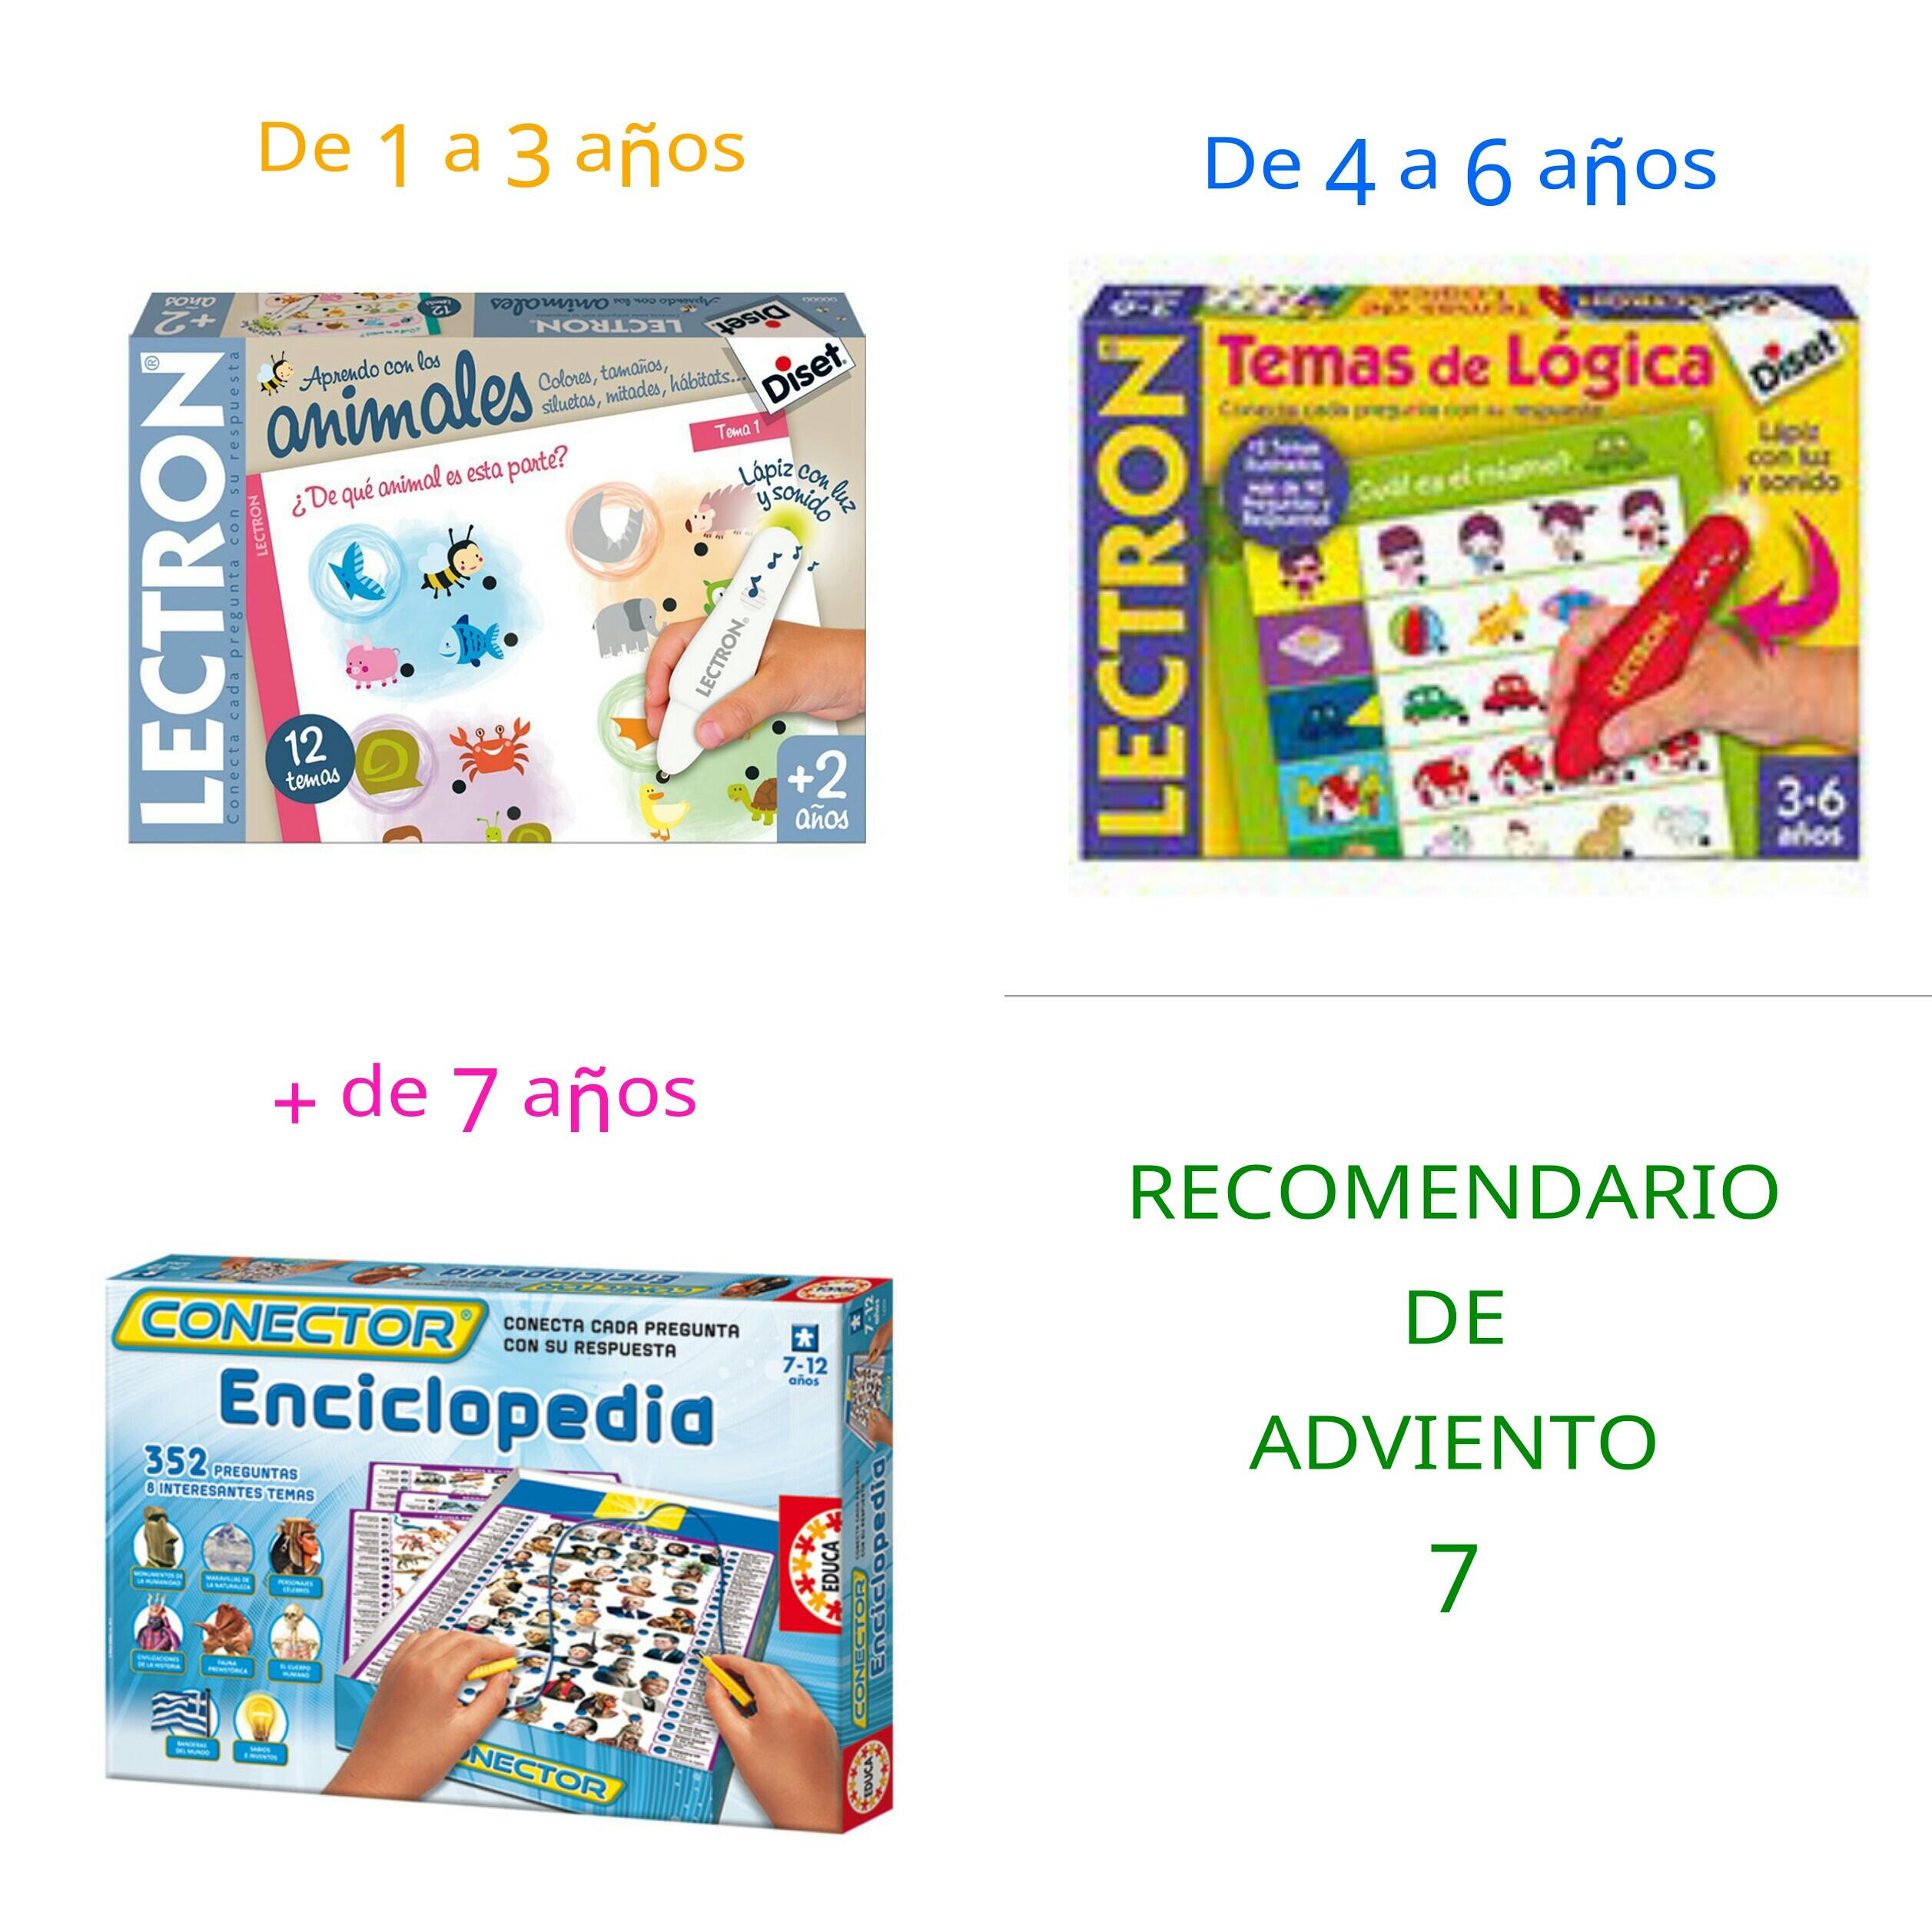 Ideas de regalos para niños. Recomendario de adviento 7